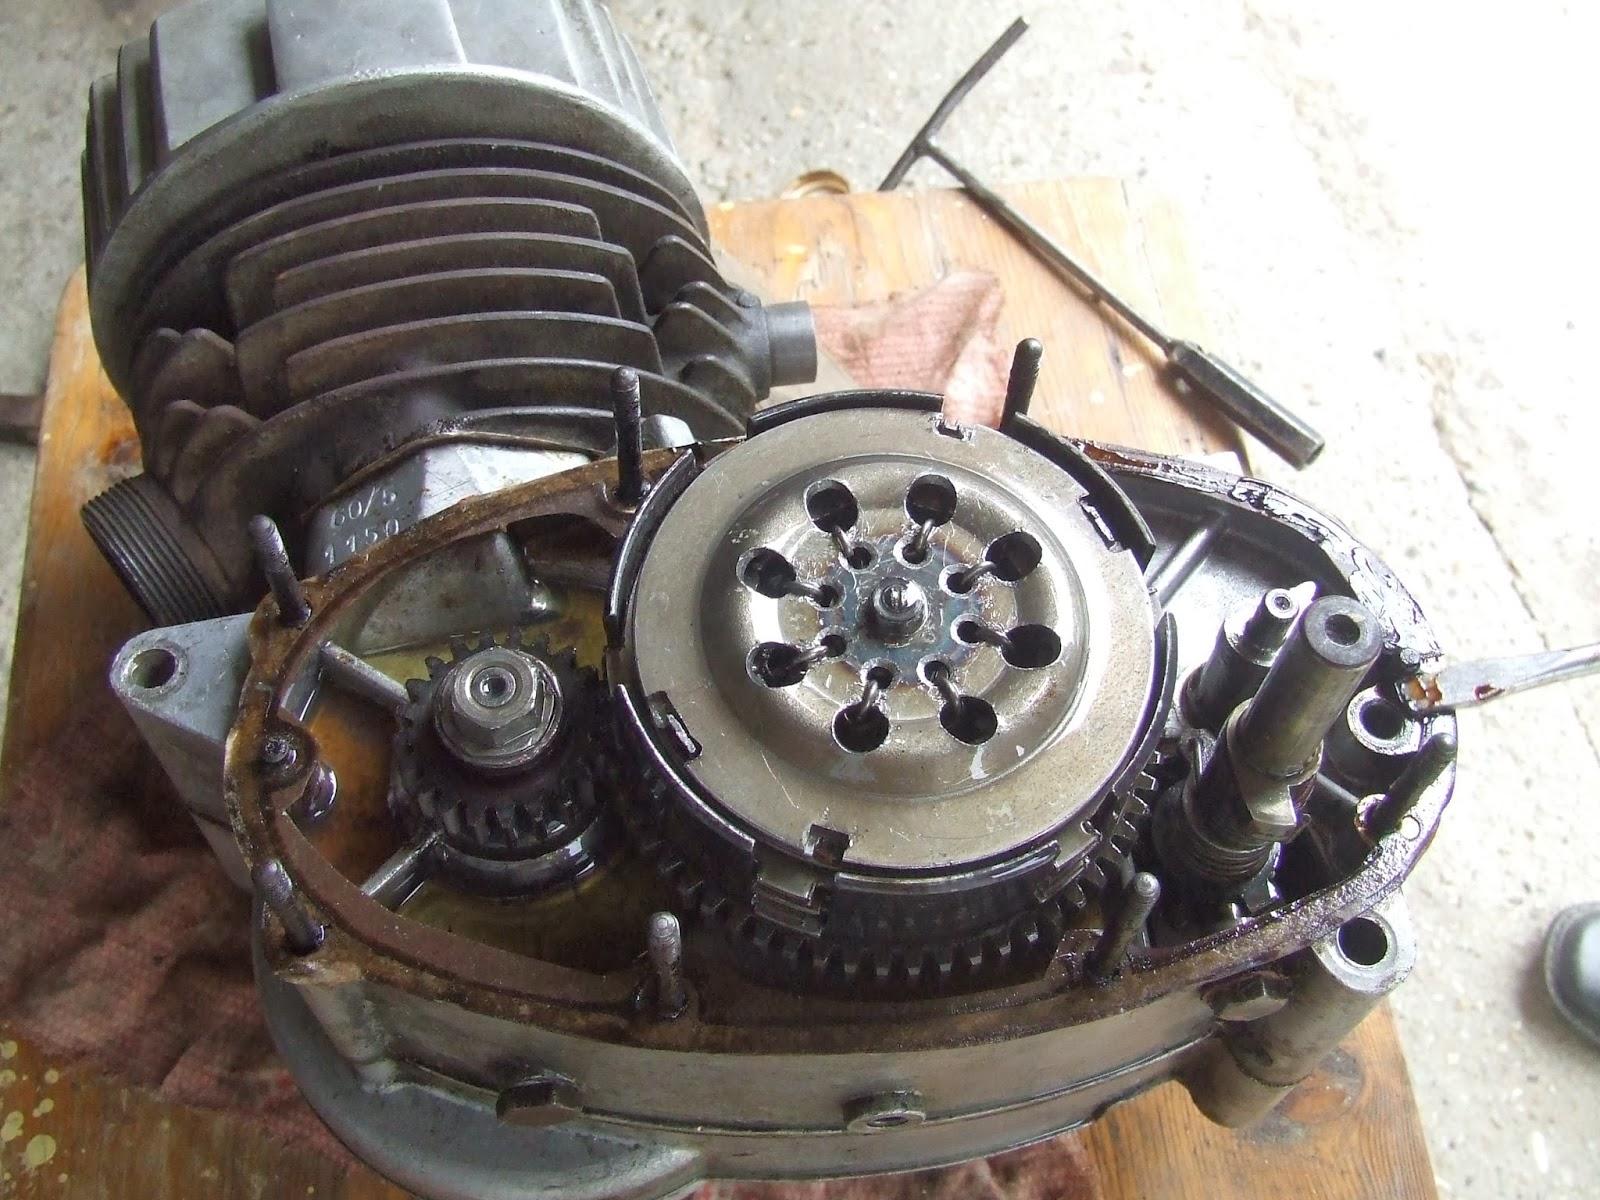 Egy 500 napos motortura 750 - M G 1977 Ben Bar Tomt L Kaptam Egy V Konyfal Hengerperselynek Val Anyagot 54 Es Alapm Ret 112 Mm Hossz S G 59 Es K Ls M Ret Cs